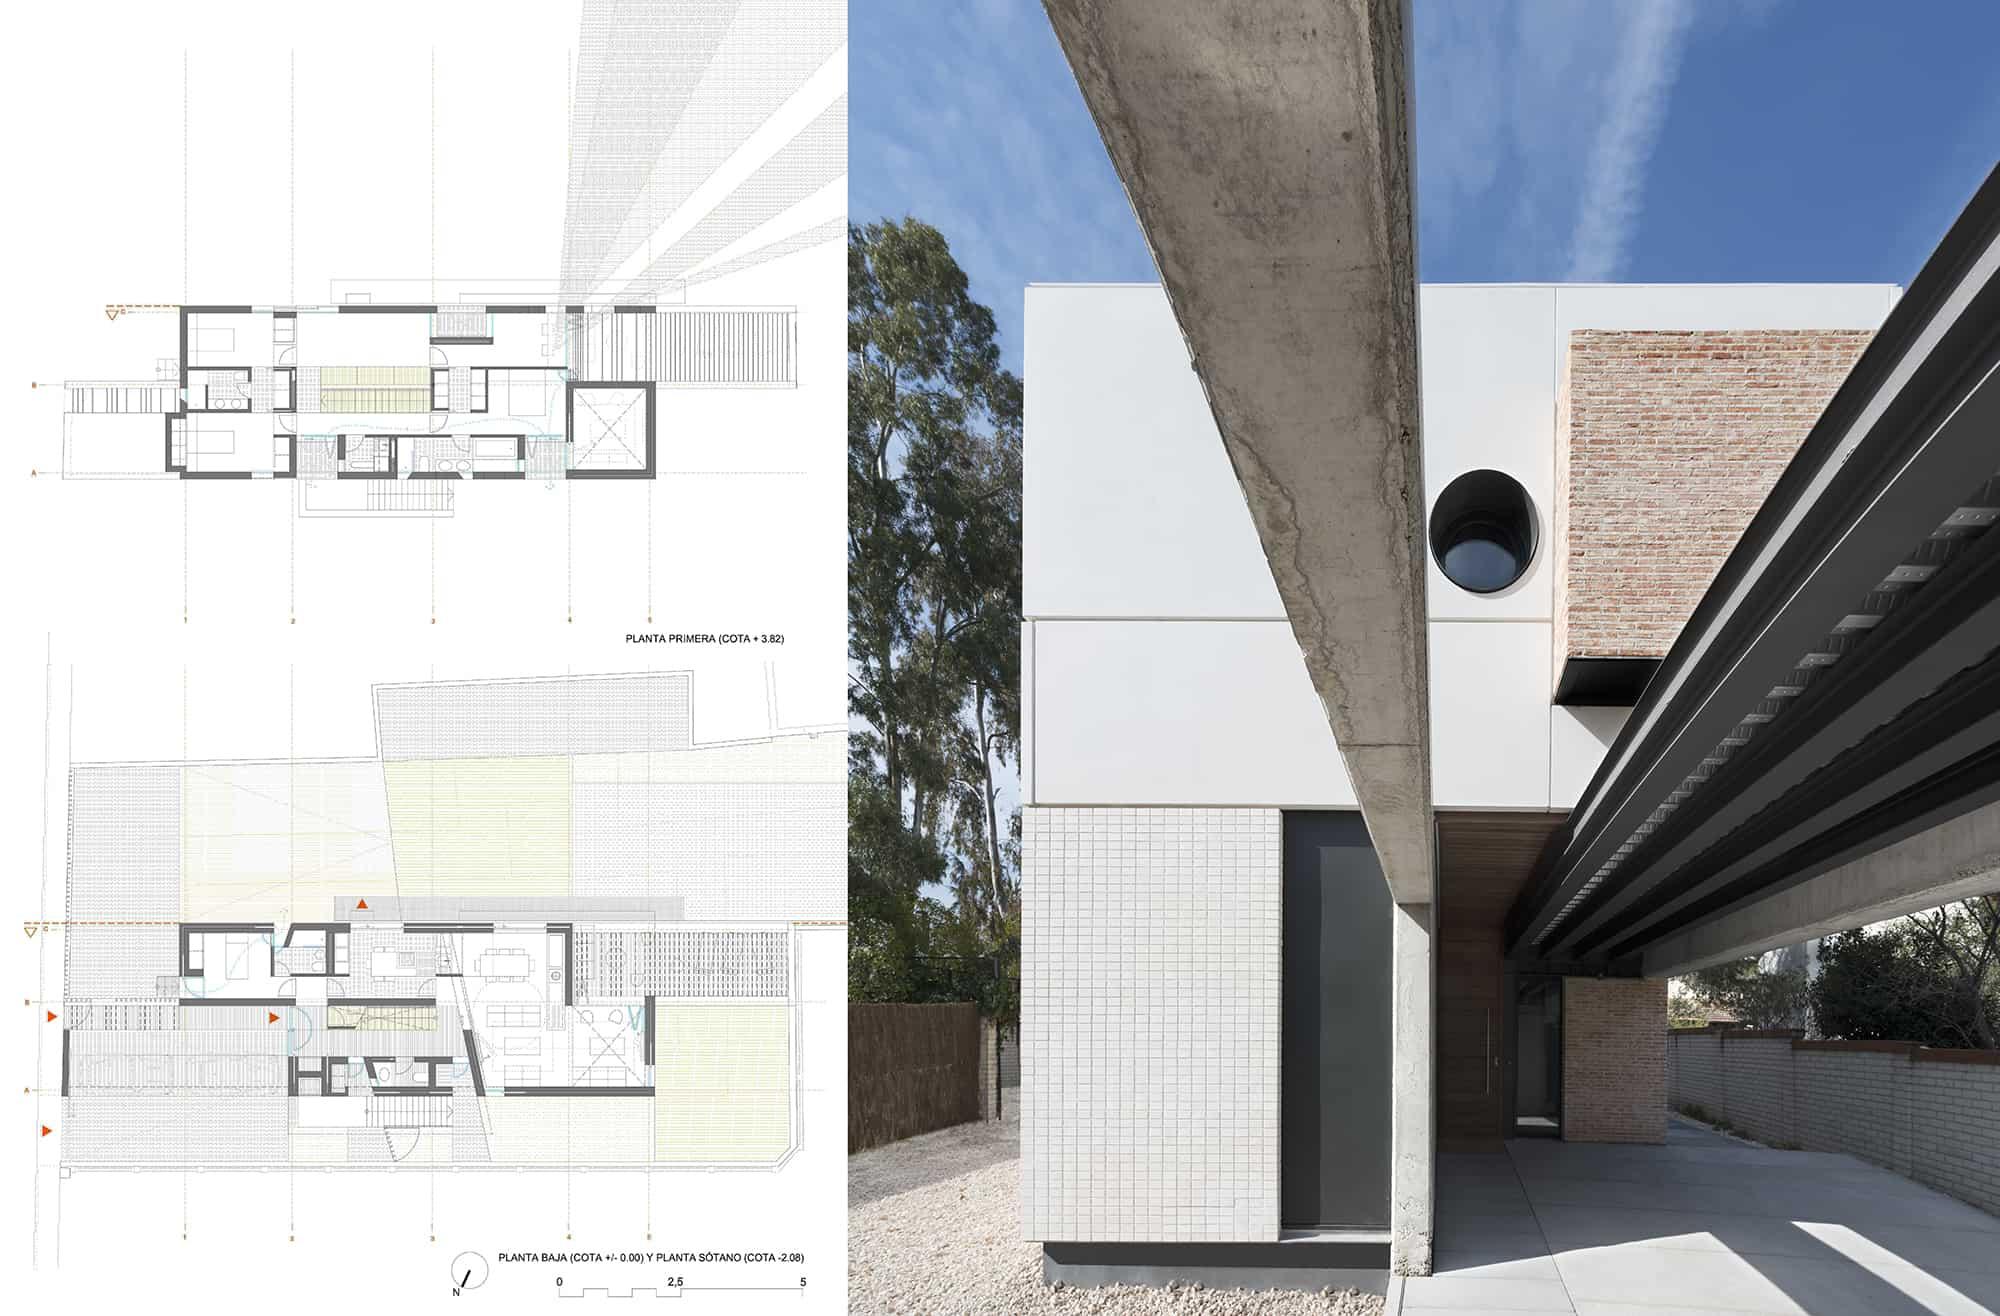 Vivienda_IA - acceso - fábricas - LANDINEZ+REY | equipo L2G arquitectos, slp [ eL2Gaa ]